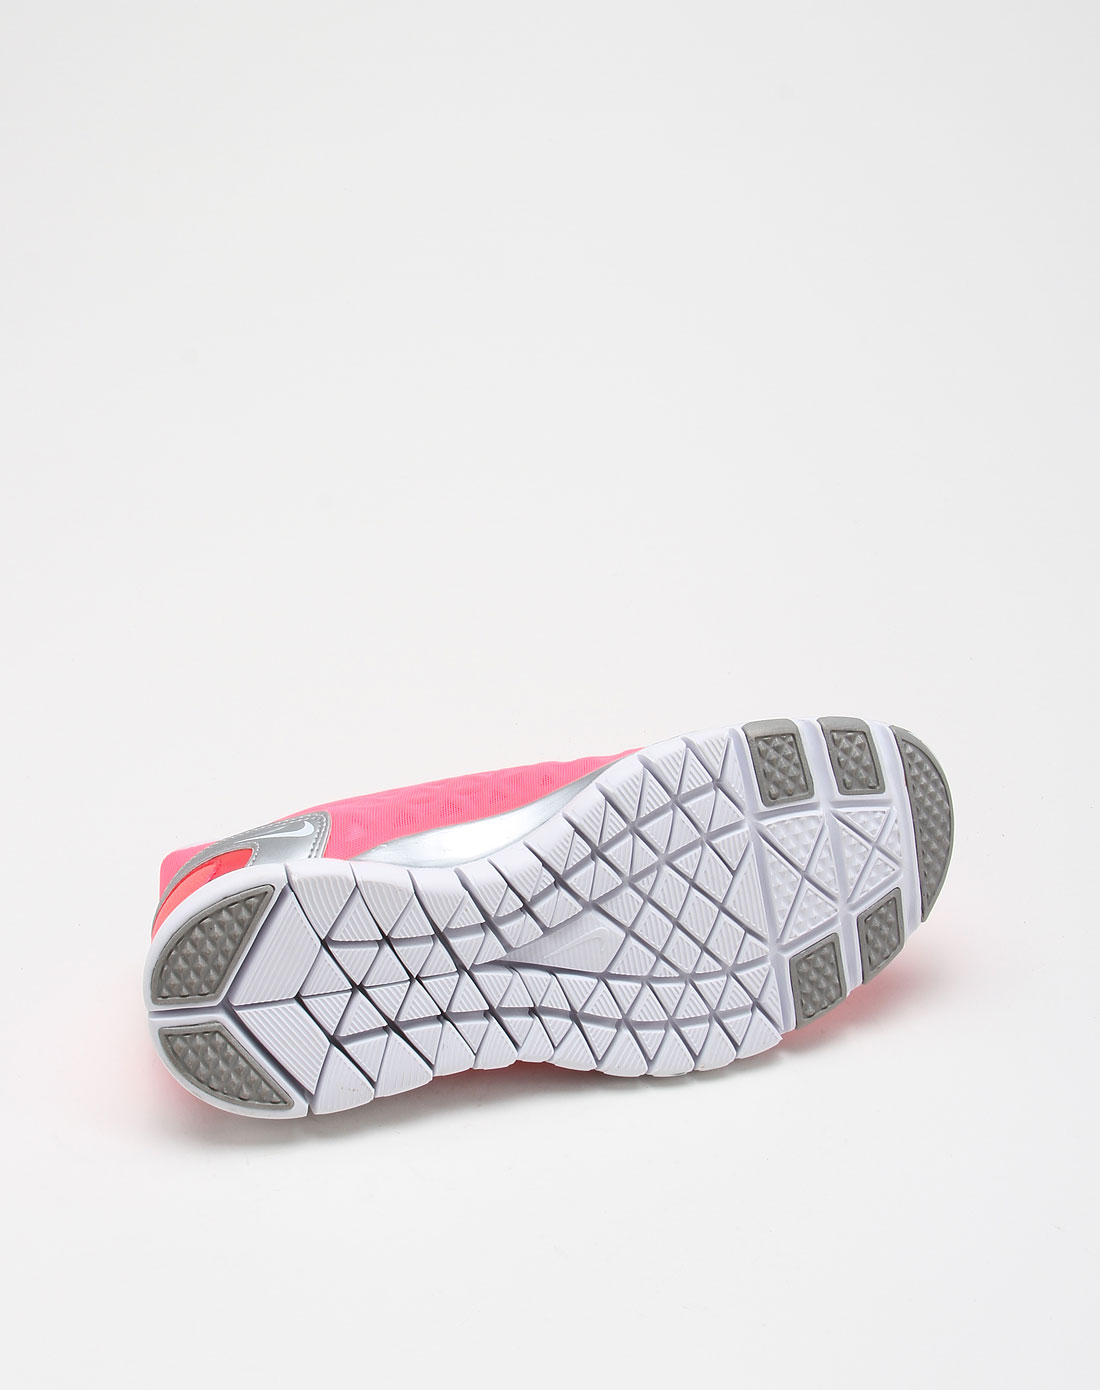 耐克nike-荧光粉红色轻盈运动鞋487789-601